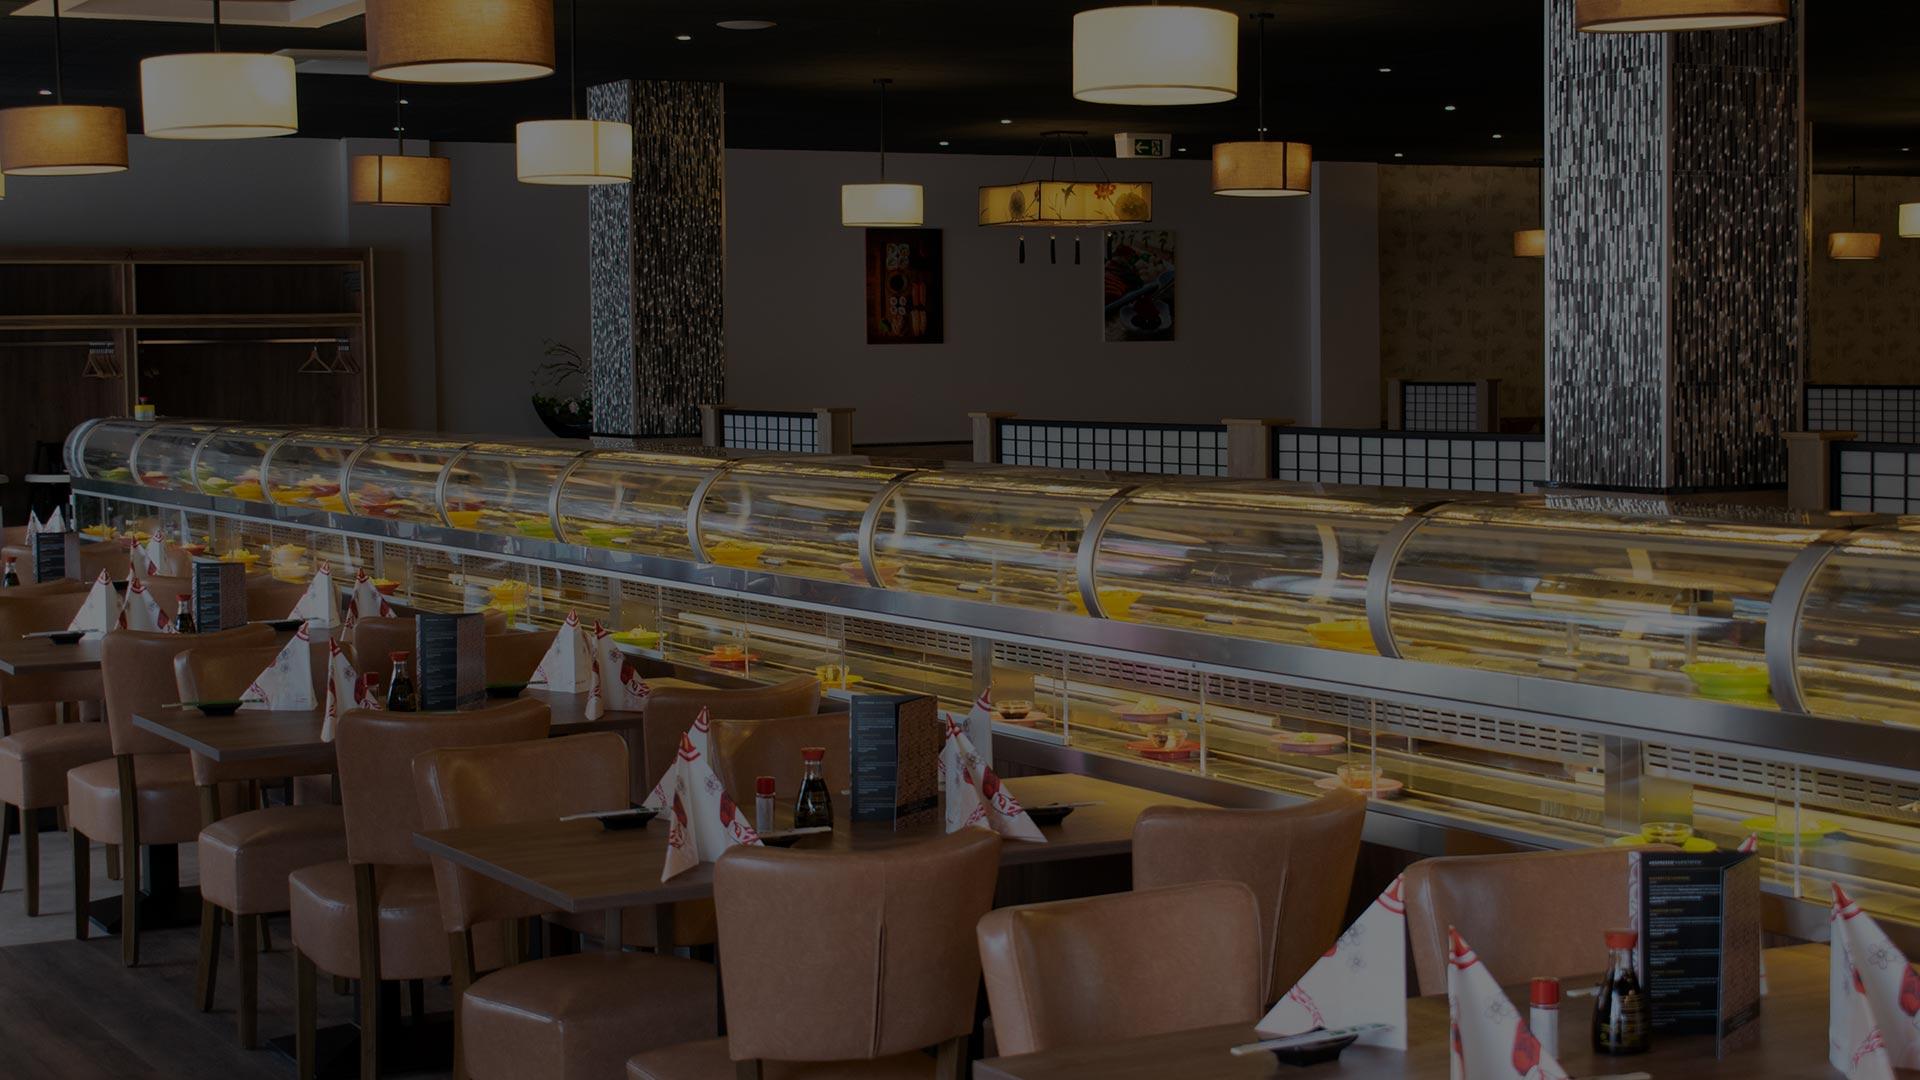 Running Sushi Restaurant Fürth Großes dopeltes Sushiband